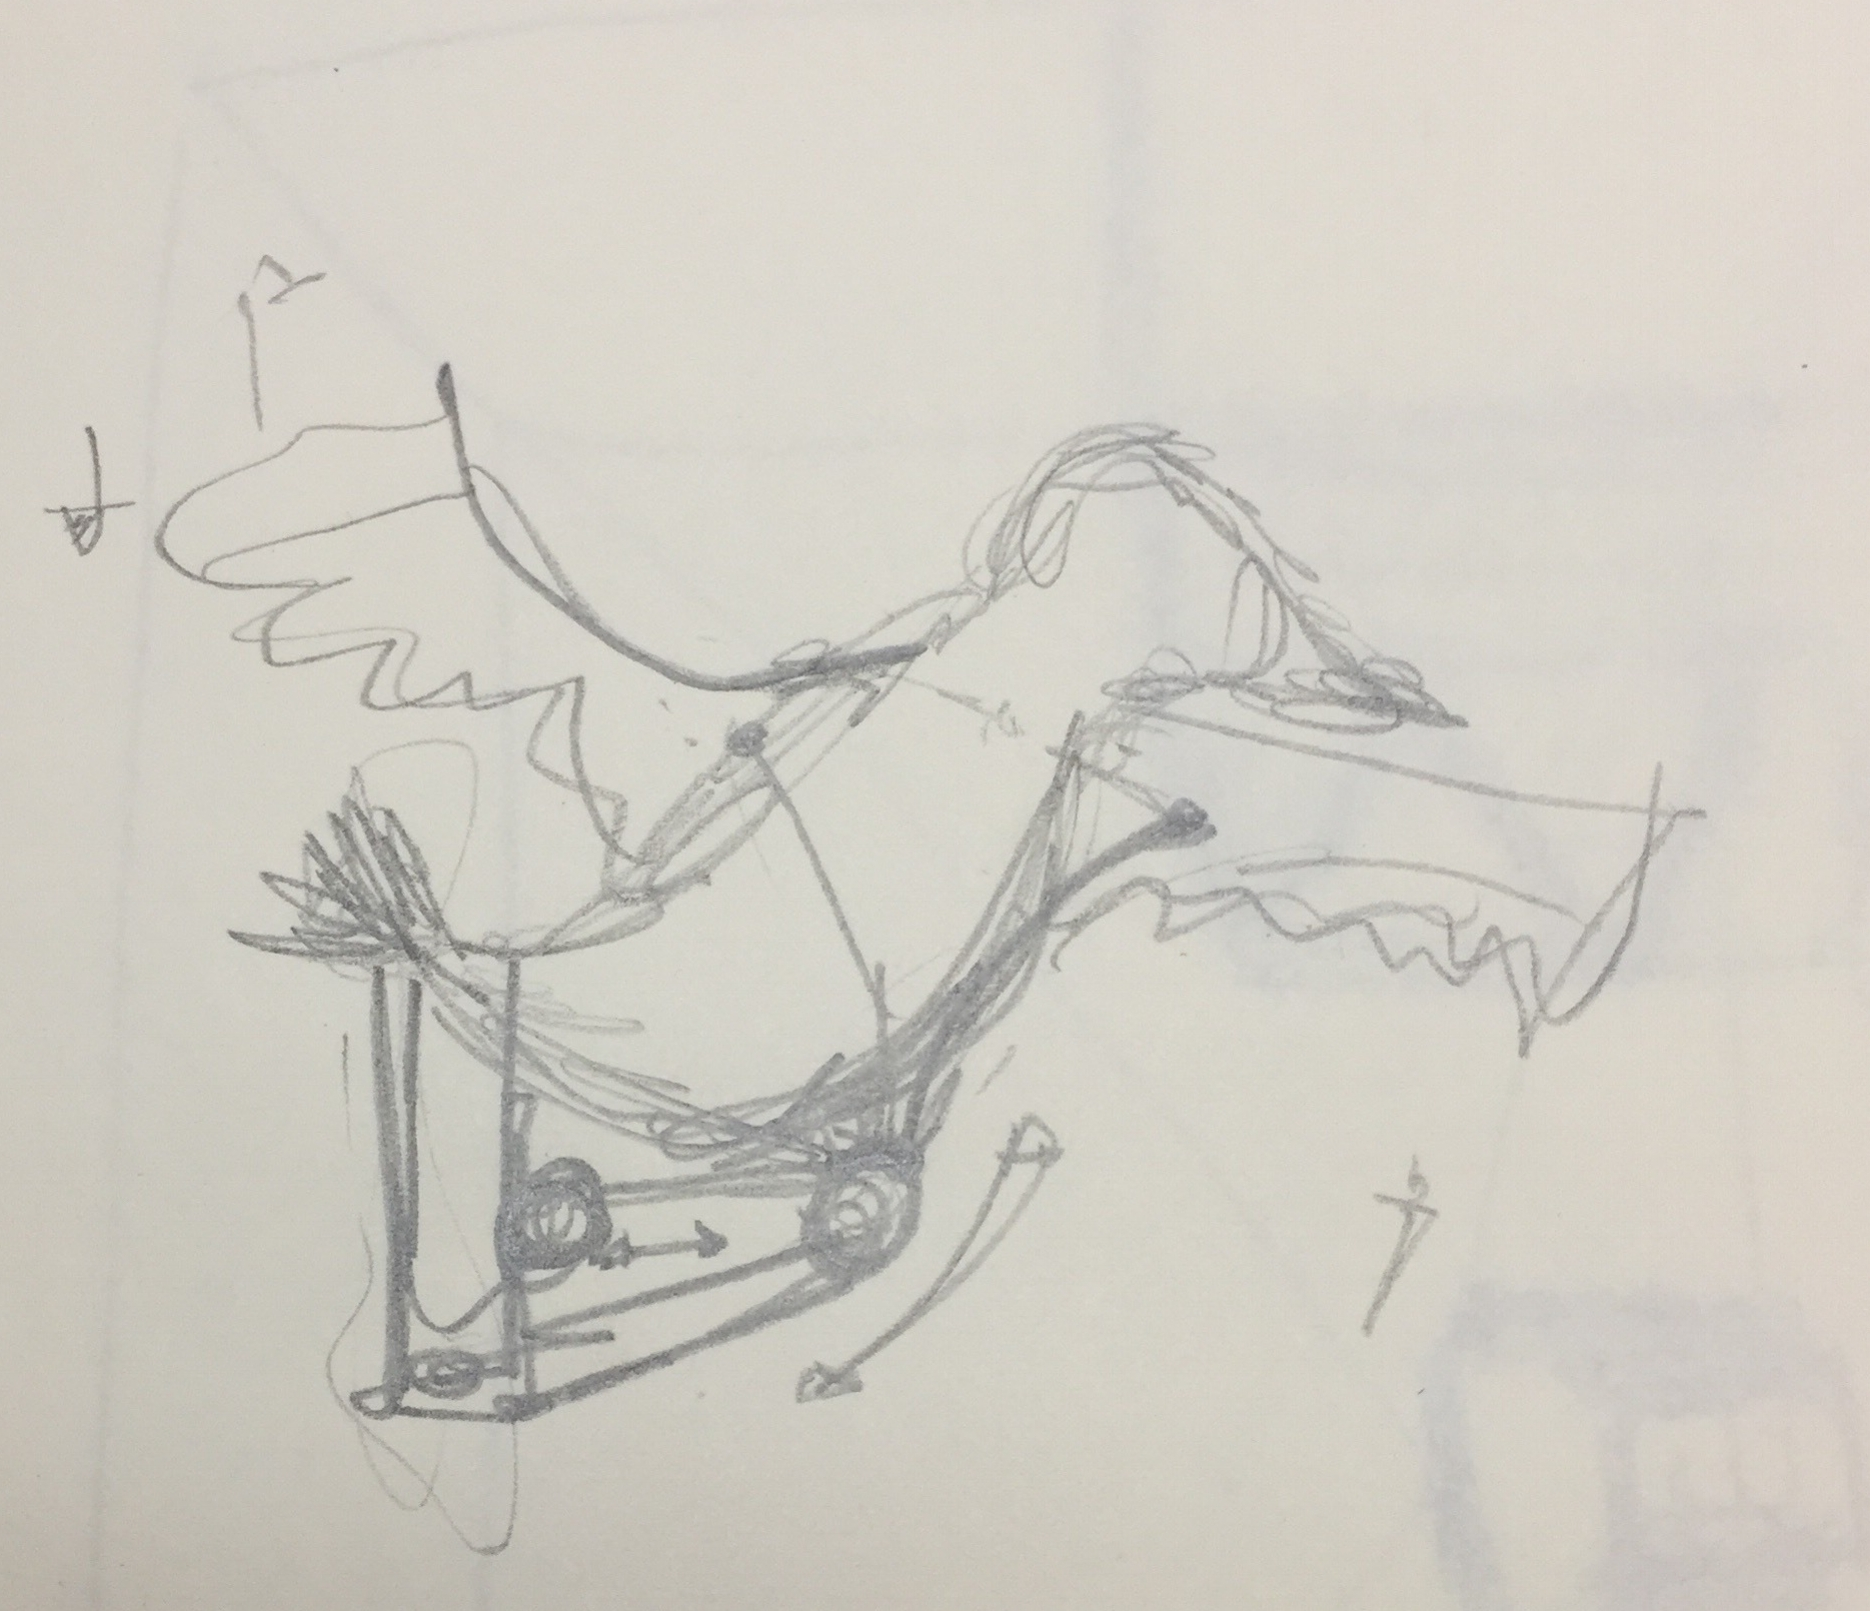 Preliminary sketch of Edgar